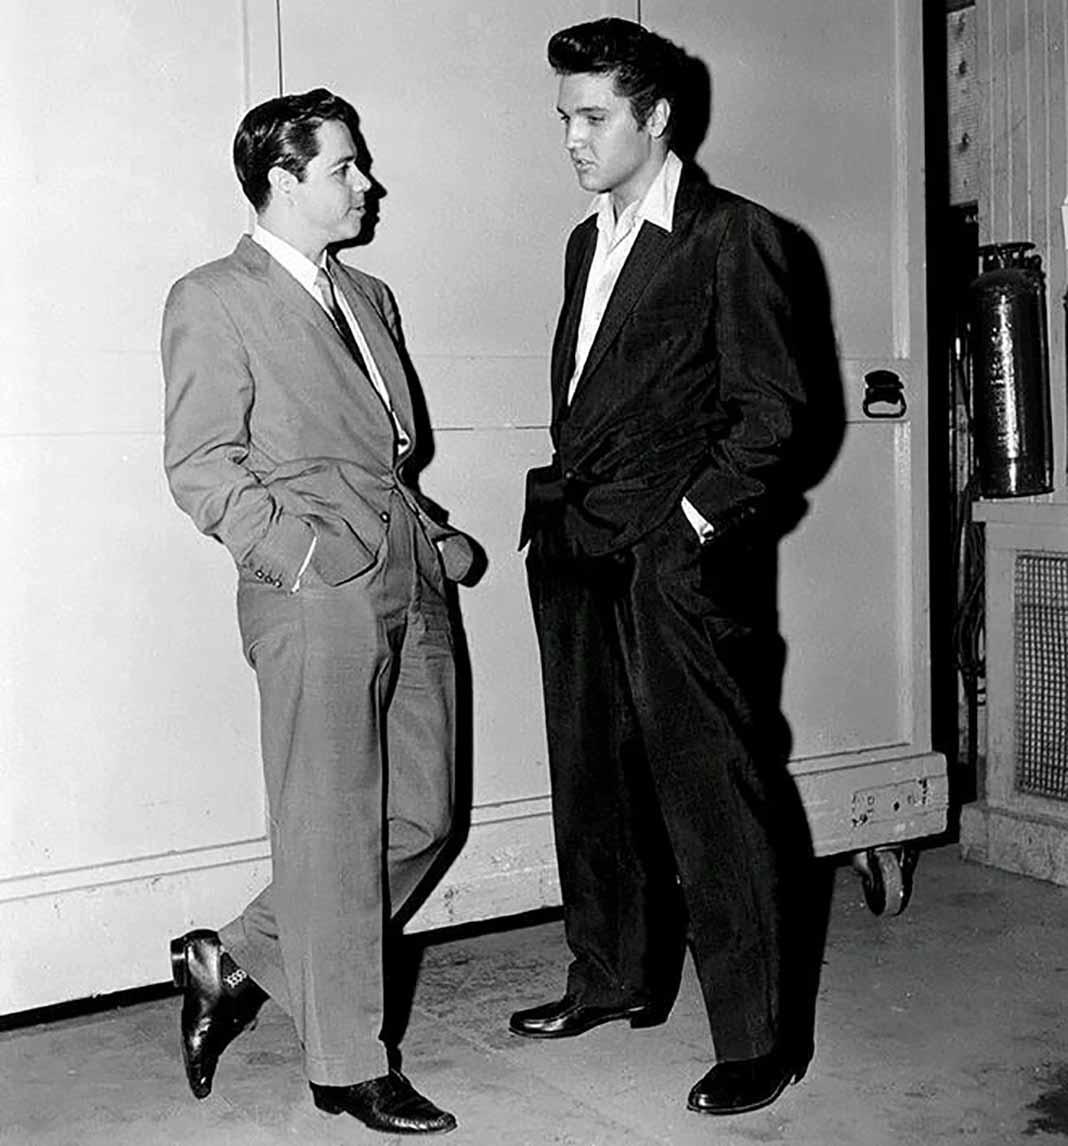 Lucho y Elvis se conocieron en 1957 en Hollywood